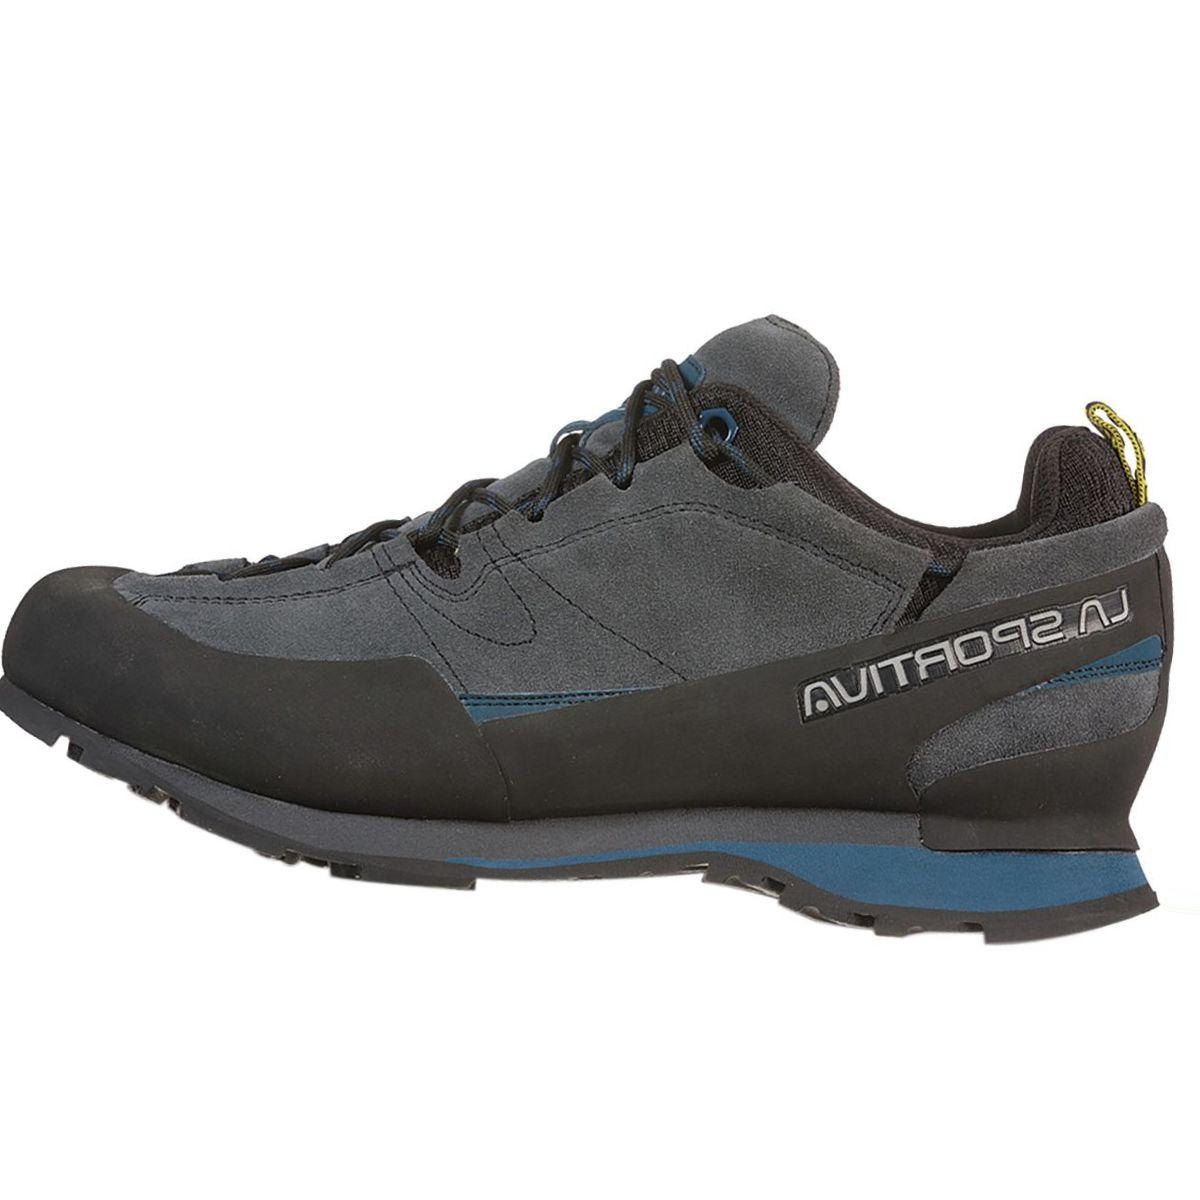 La Sportiva Boulder X Approach Shoe - Men's